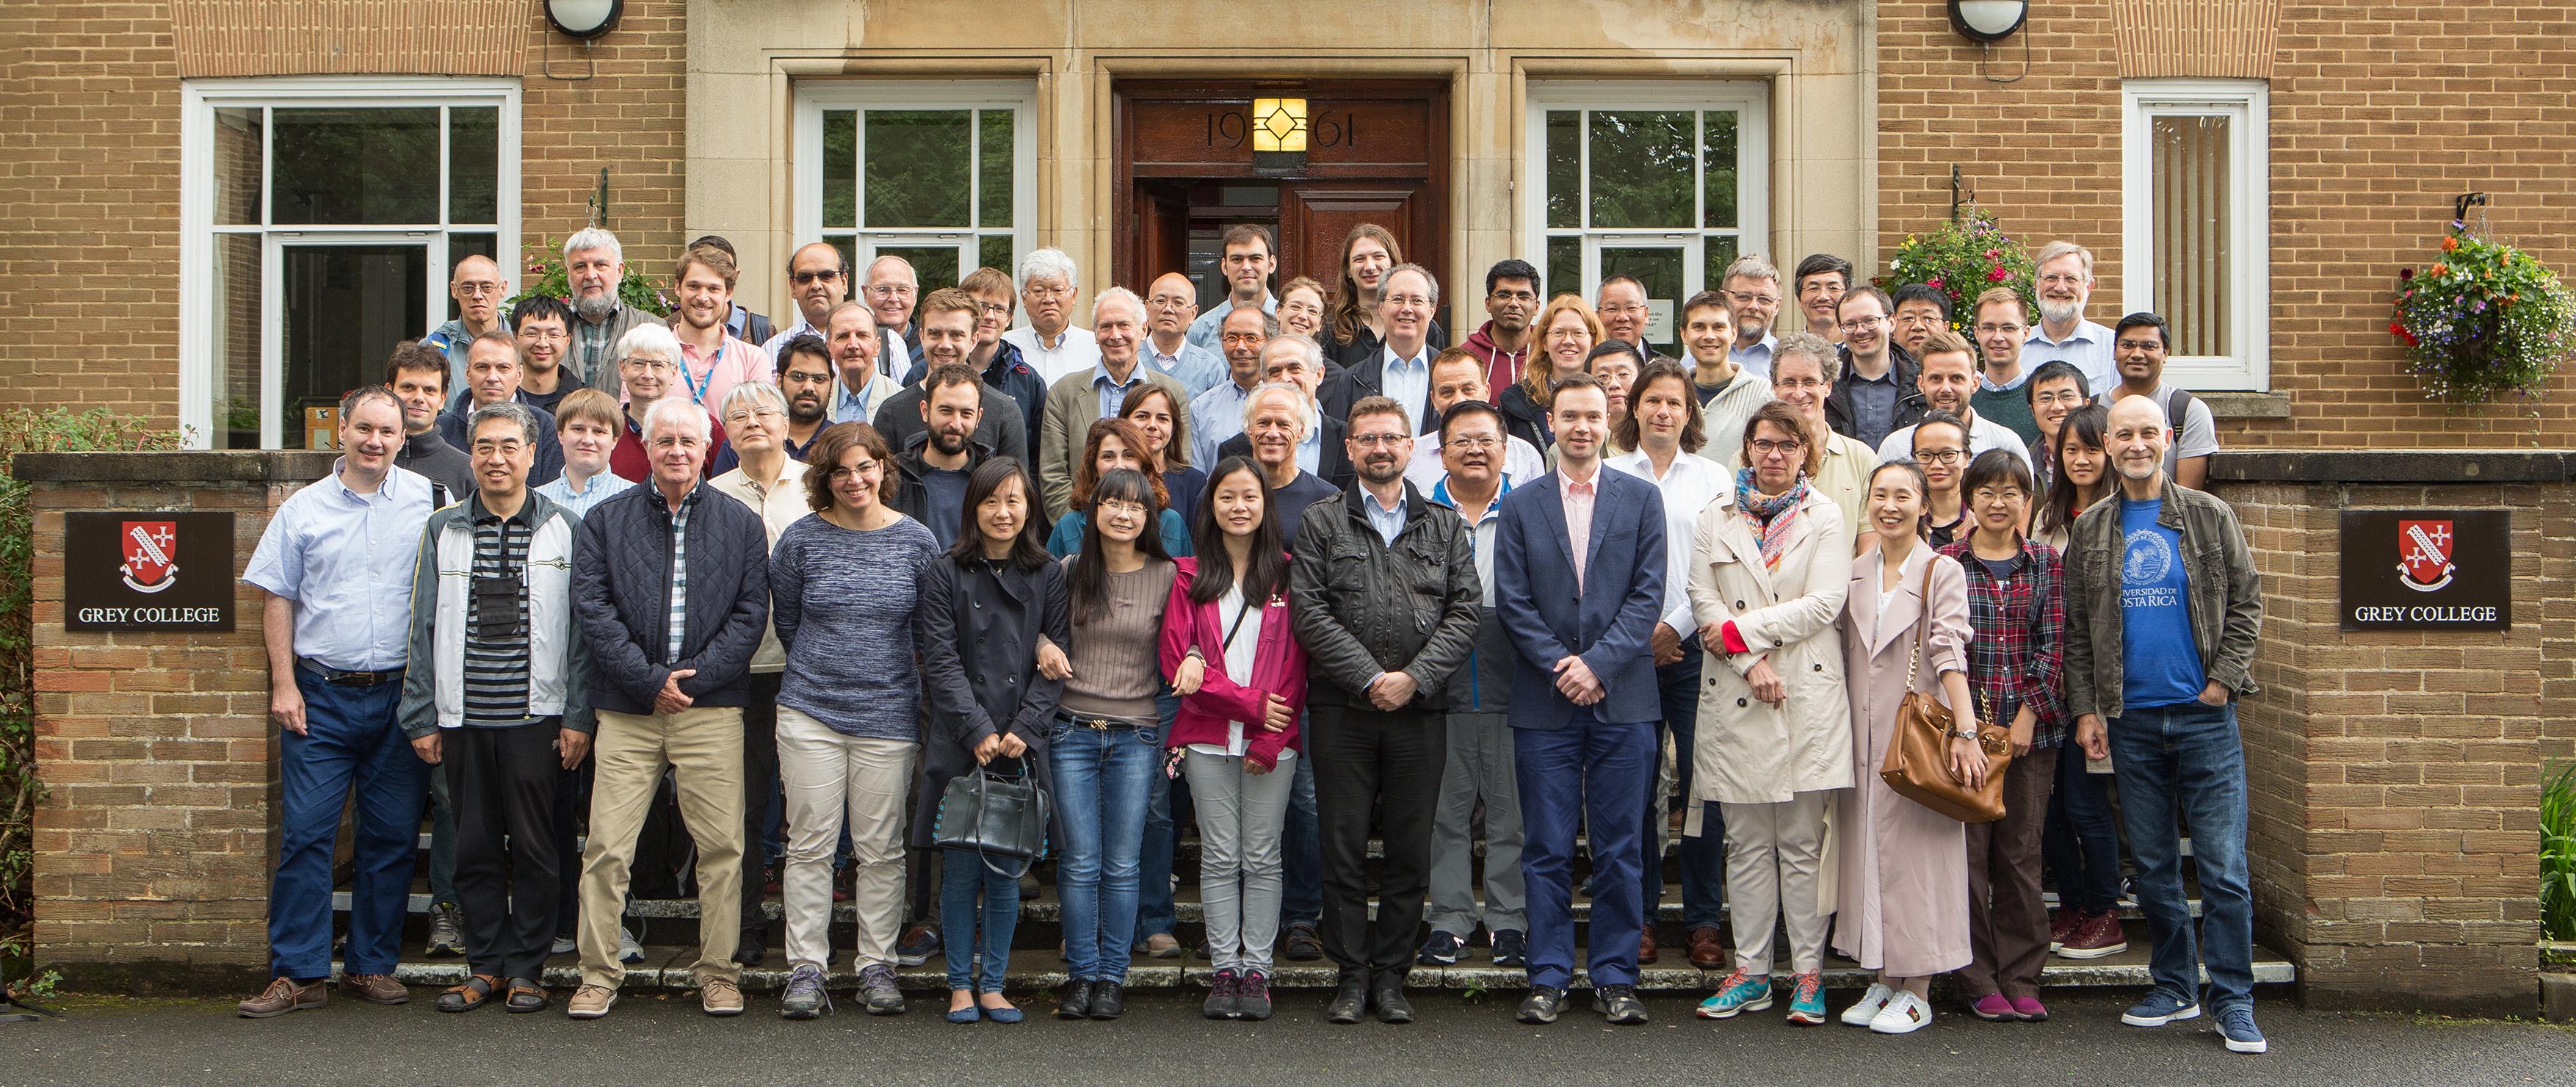 LMS-EPSRC Durham Symposia